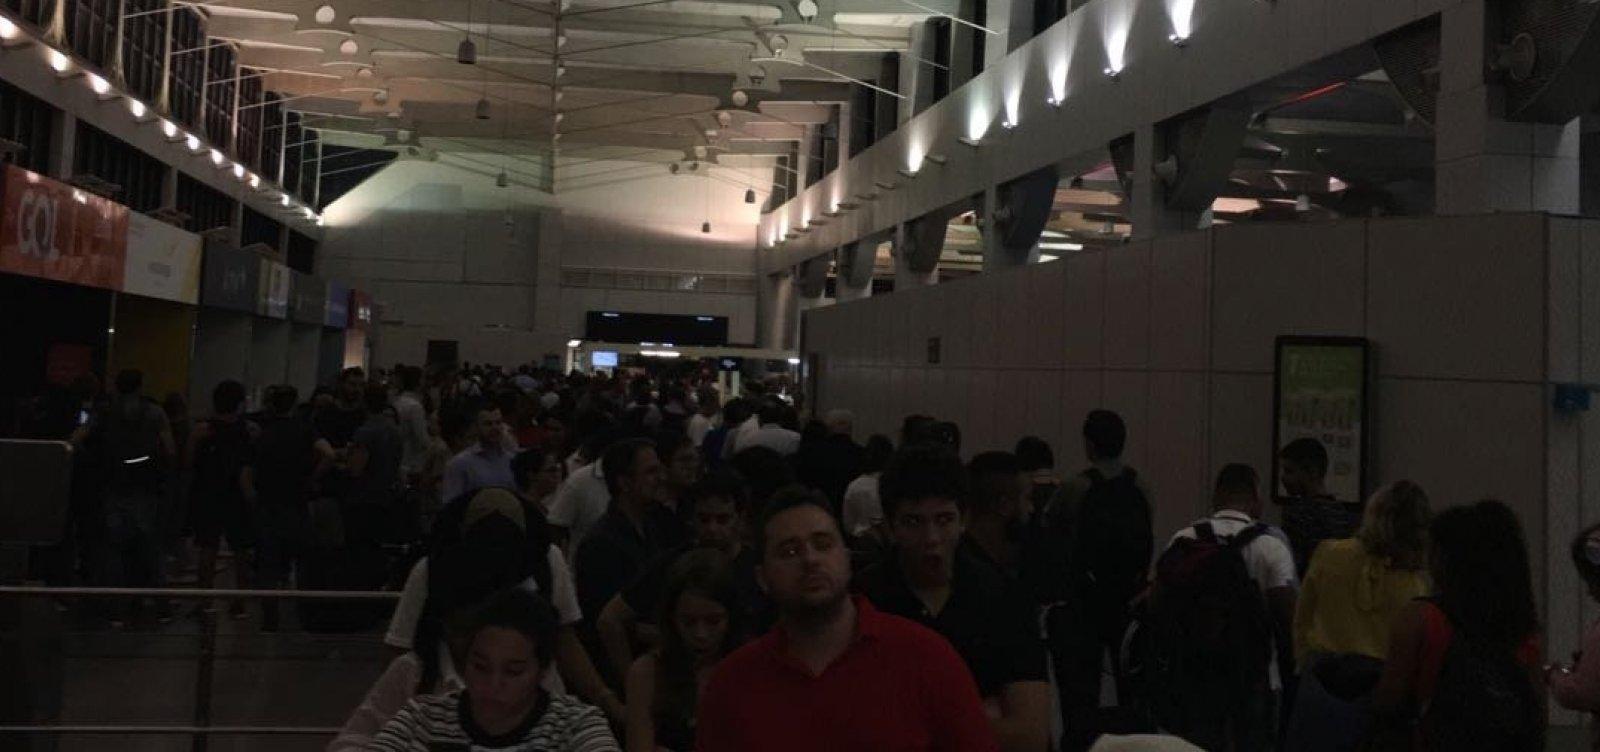 'Informação equivocada' repassada pela Coelba intensificou caos no Aeroporto de Salvador